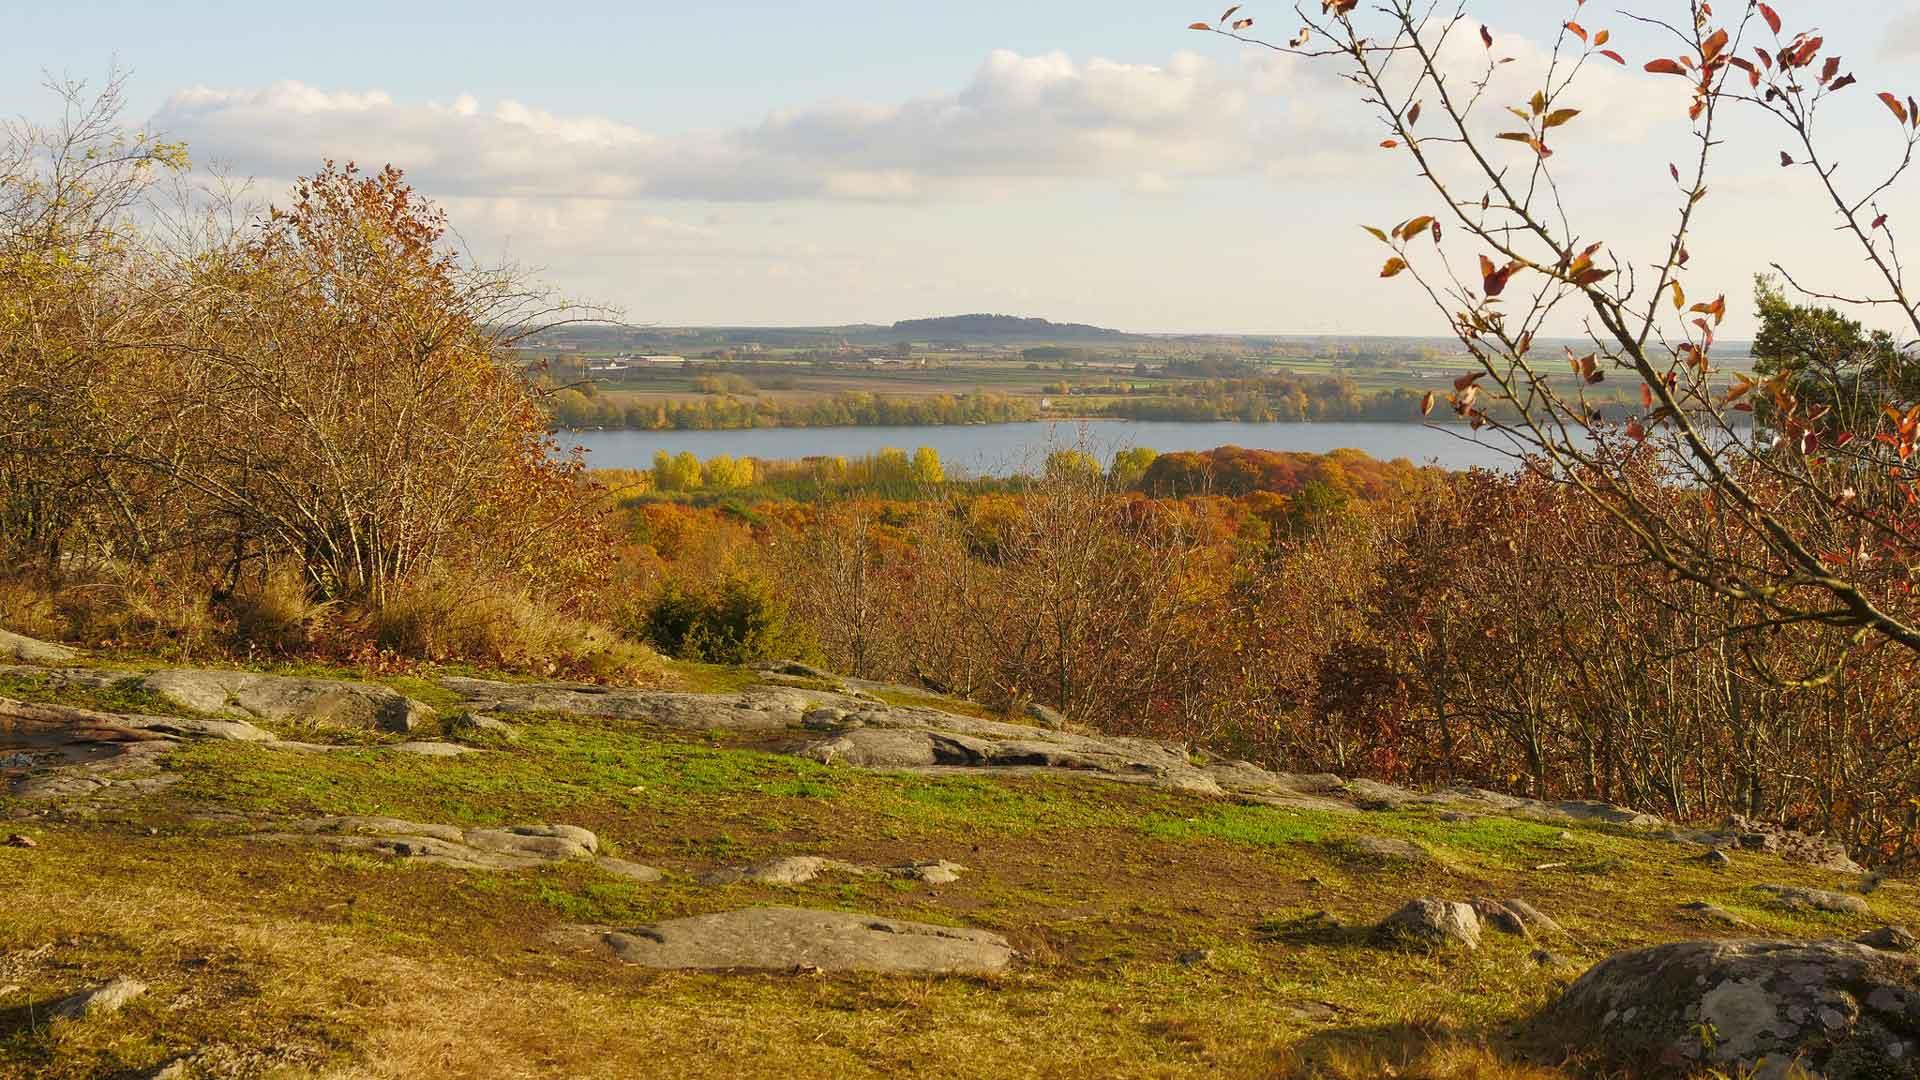 Från Balsbergets topp är det fin utsikt över Råbelövssjön och jordbrukslandskapet. Foto: Mattias Roos, Kristianstads kommun